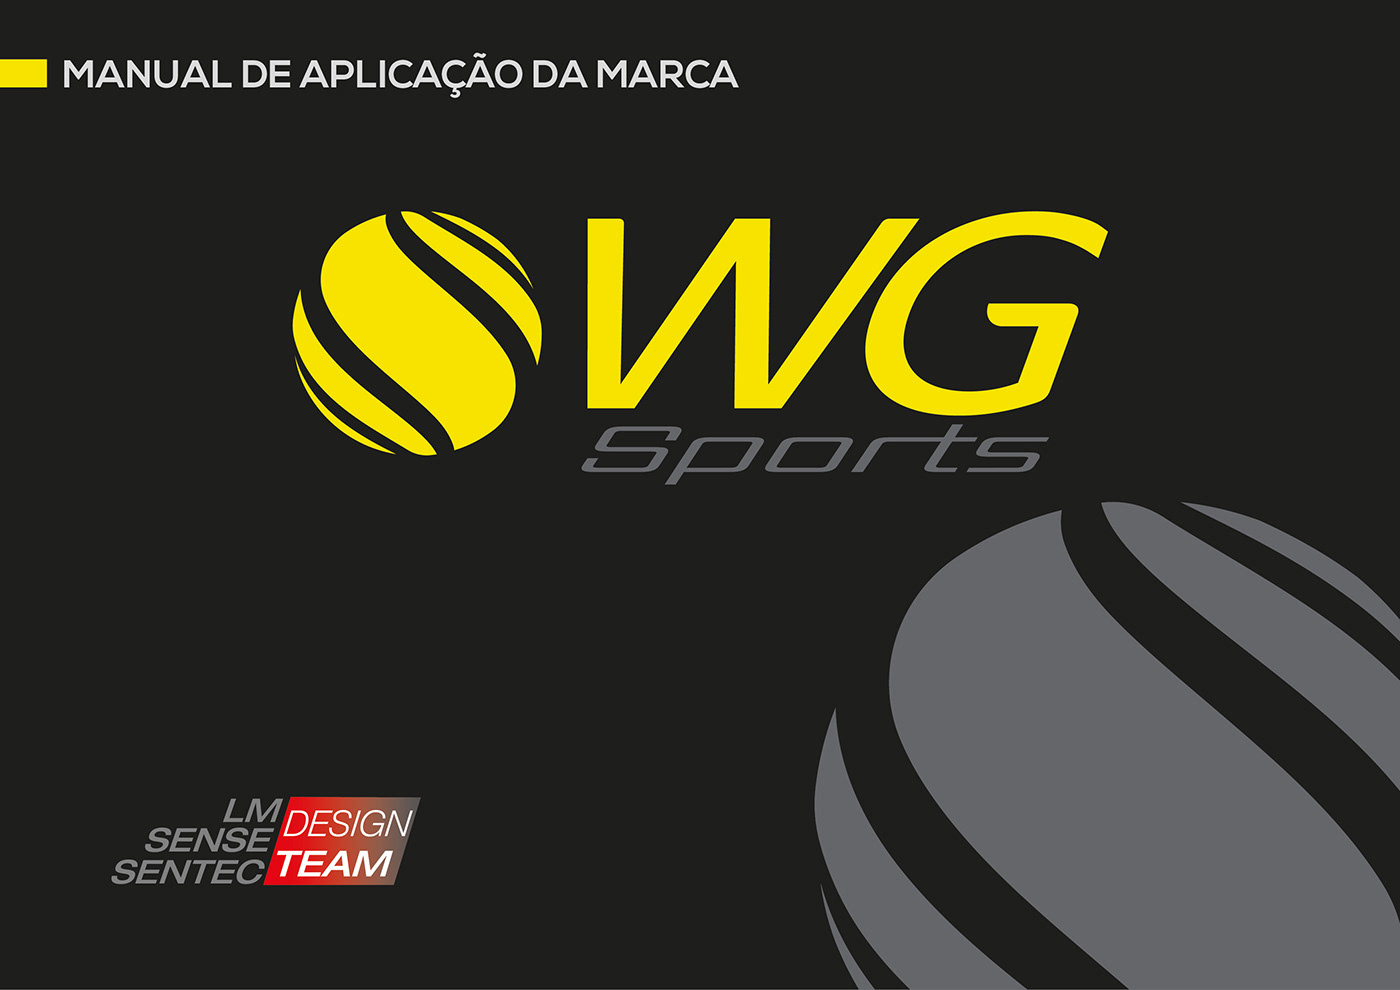 brand Gabriel Delfino Delfino Design WG SPORTS branding  redesign design de marcas redesign de marcas logo Logotipo